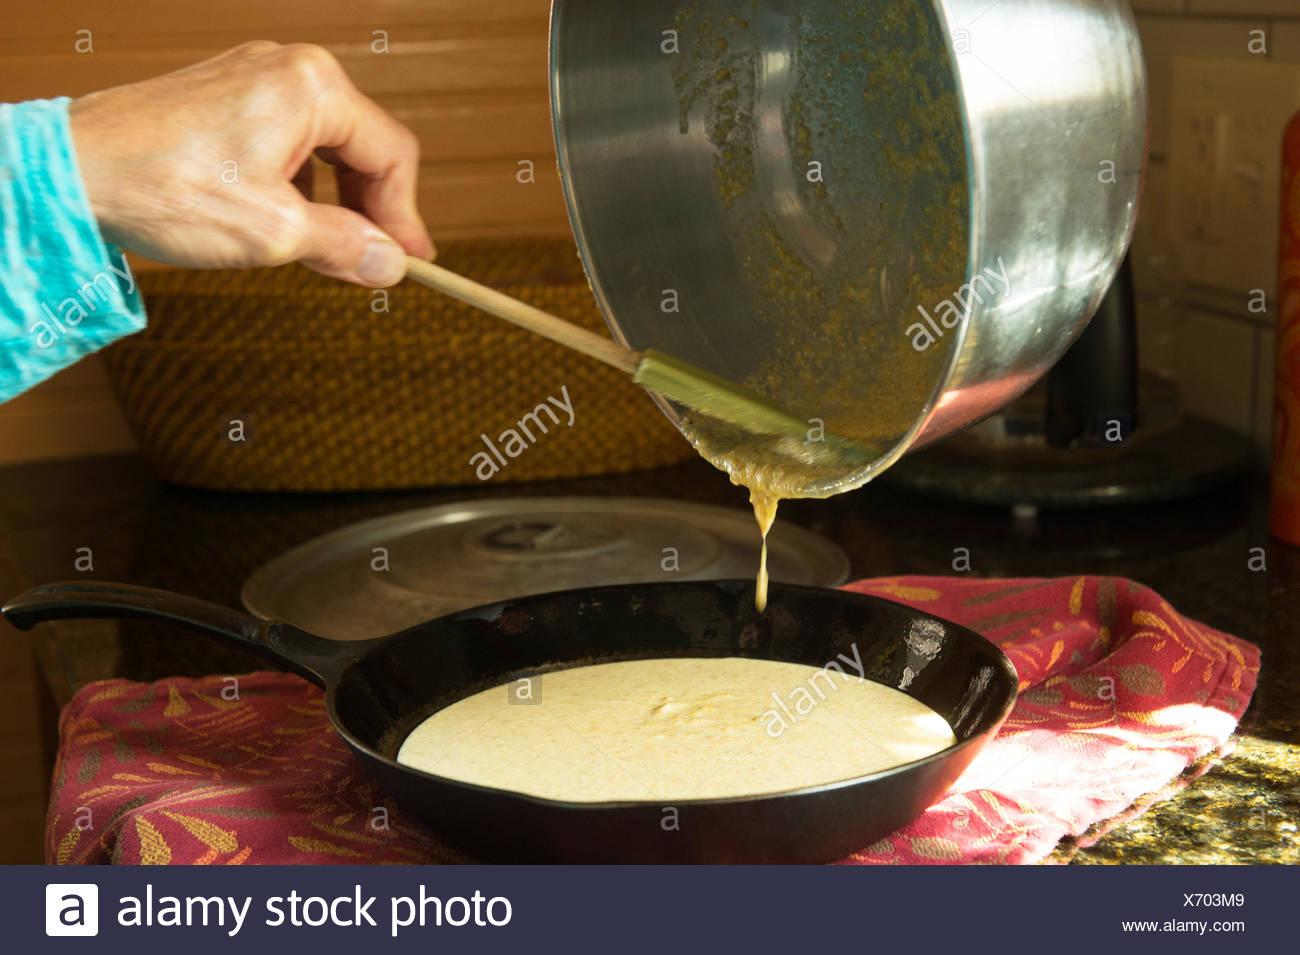 Eine Person, die Zubereitung von Speisen in einer gusseisernen Pfanne erhitzen. Stockbild